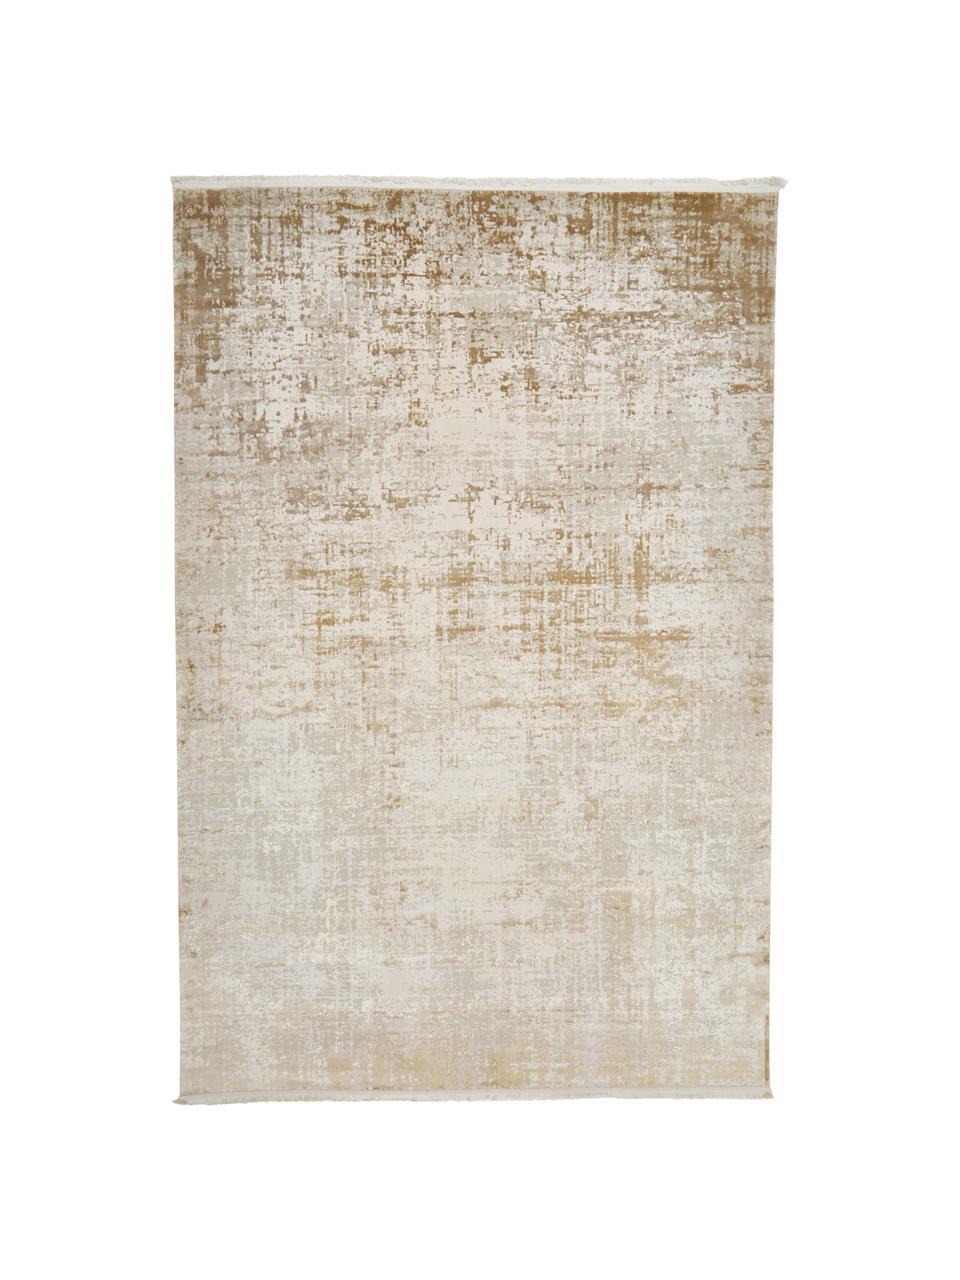 Tappeto vintage tonalità beige effetto lucido con frange Cordoba, Retro: cotone, Tonalità beige, Larg. 240 x Lung. 340 cm (taglia XL)